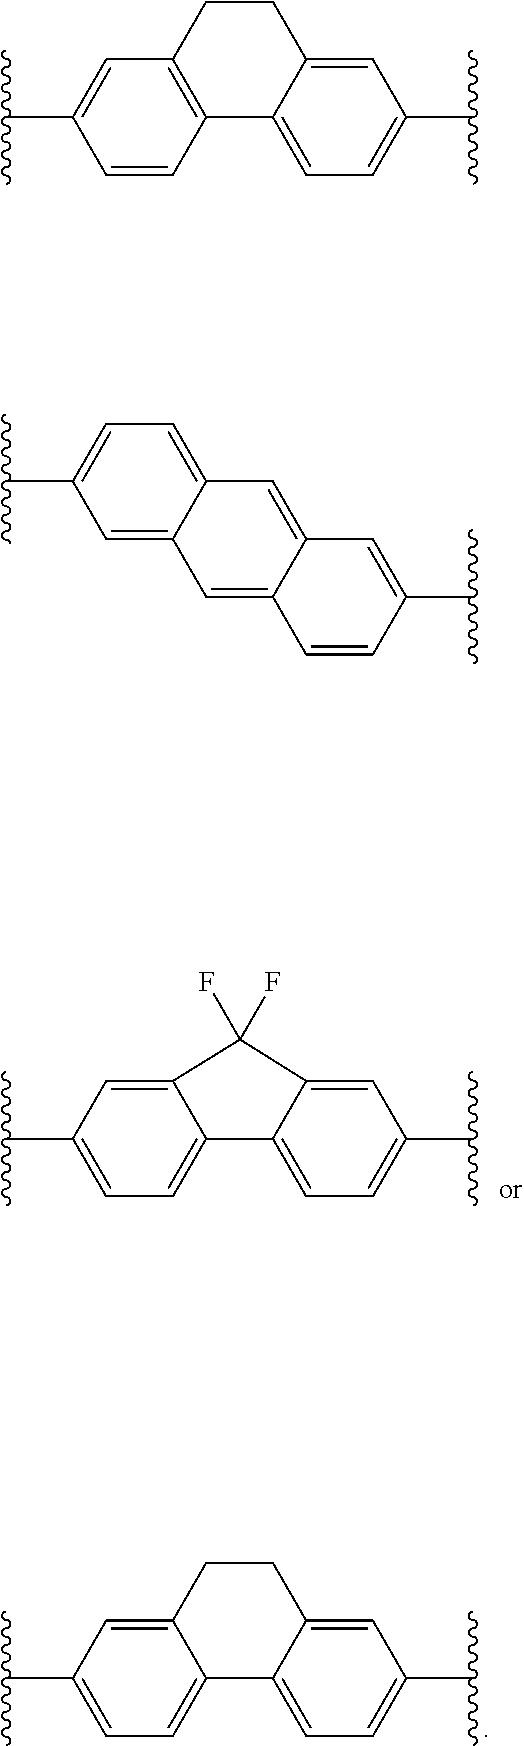 Figure US09511056-20161206-C00213